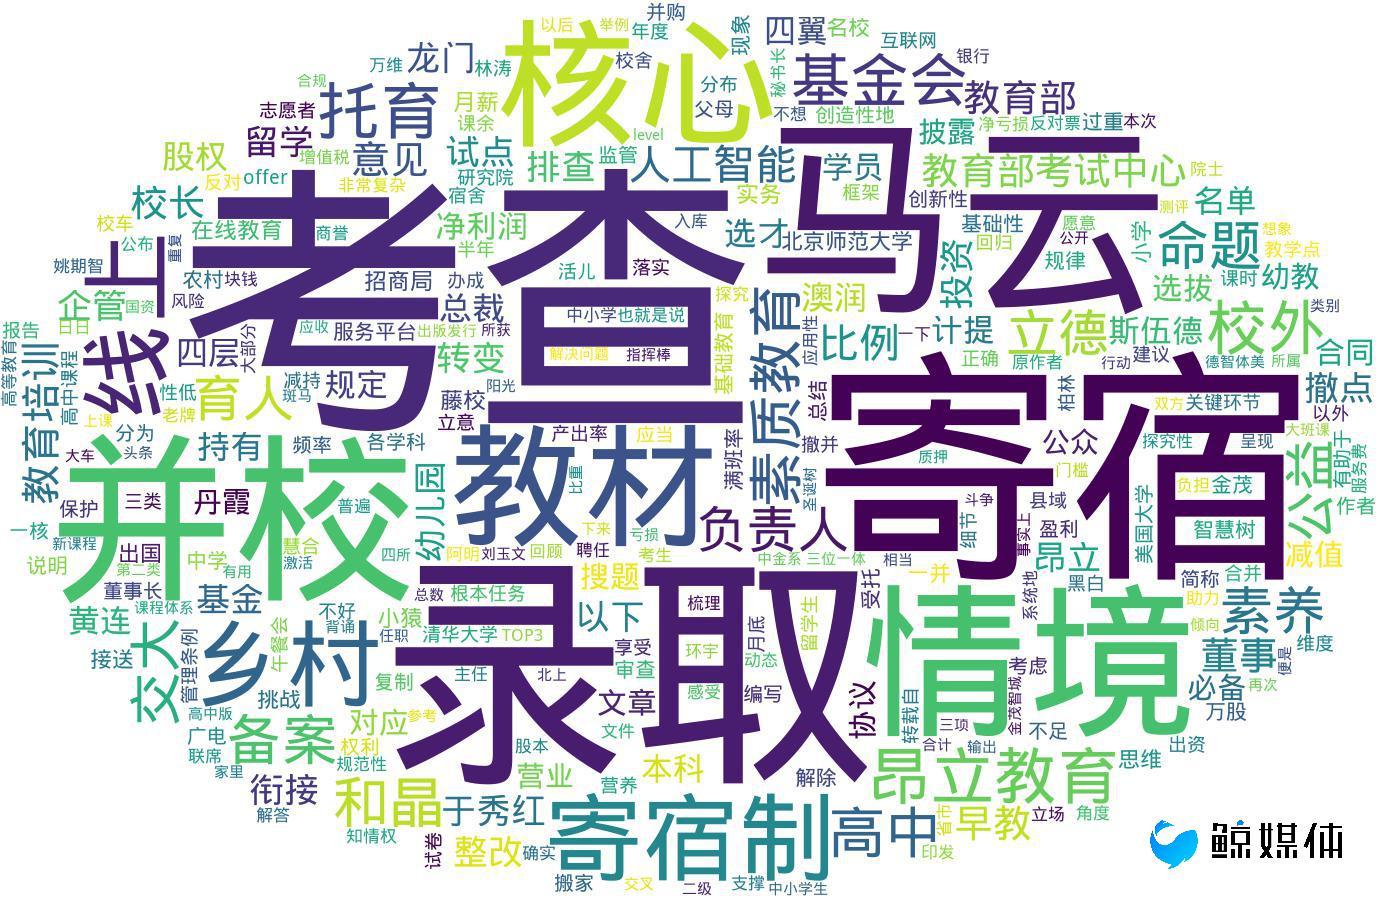 """【鲸媒体早报】""""埃尔曼""""获千万级融资;龙门教育工商信息变更完毕"""